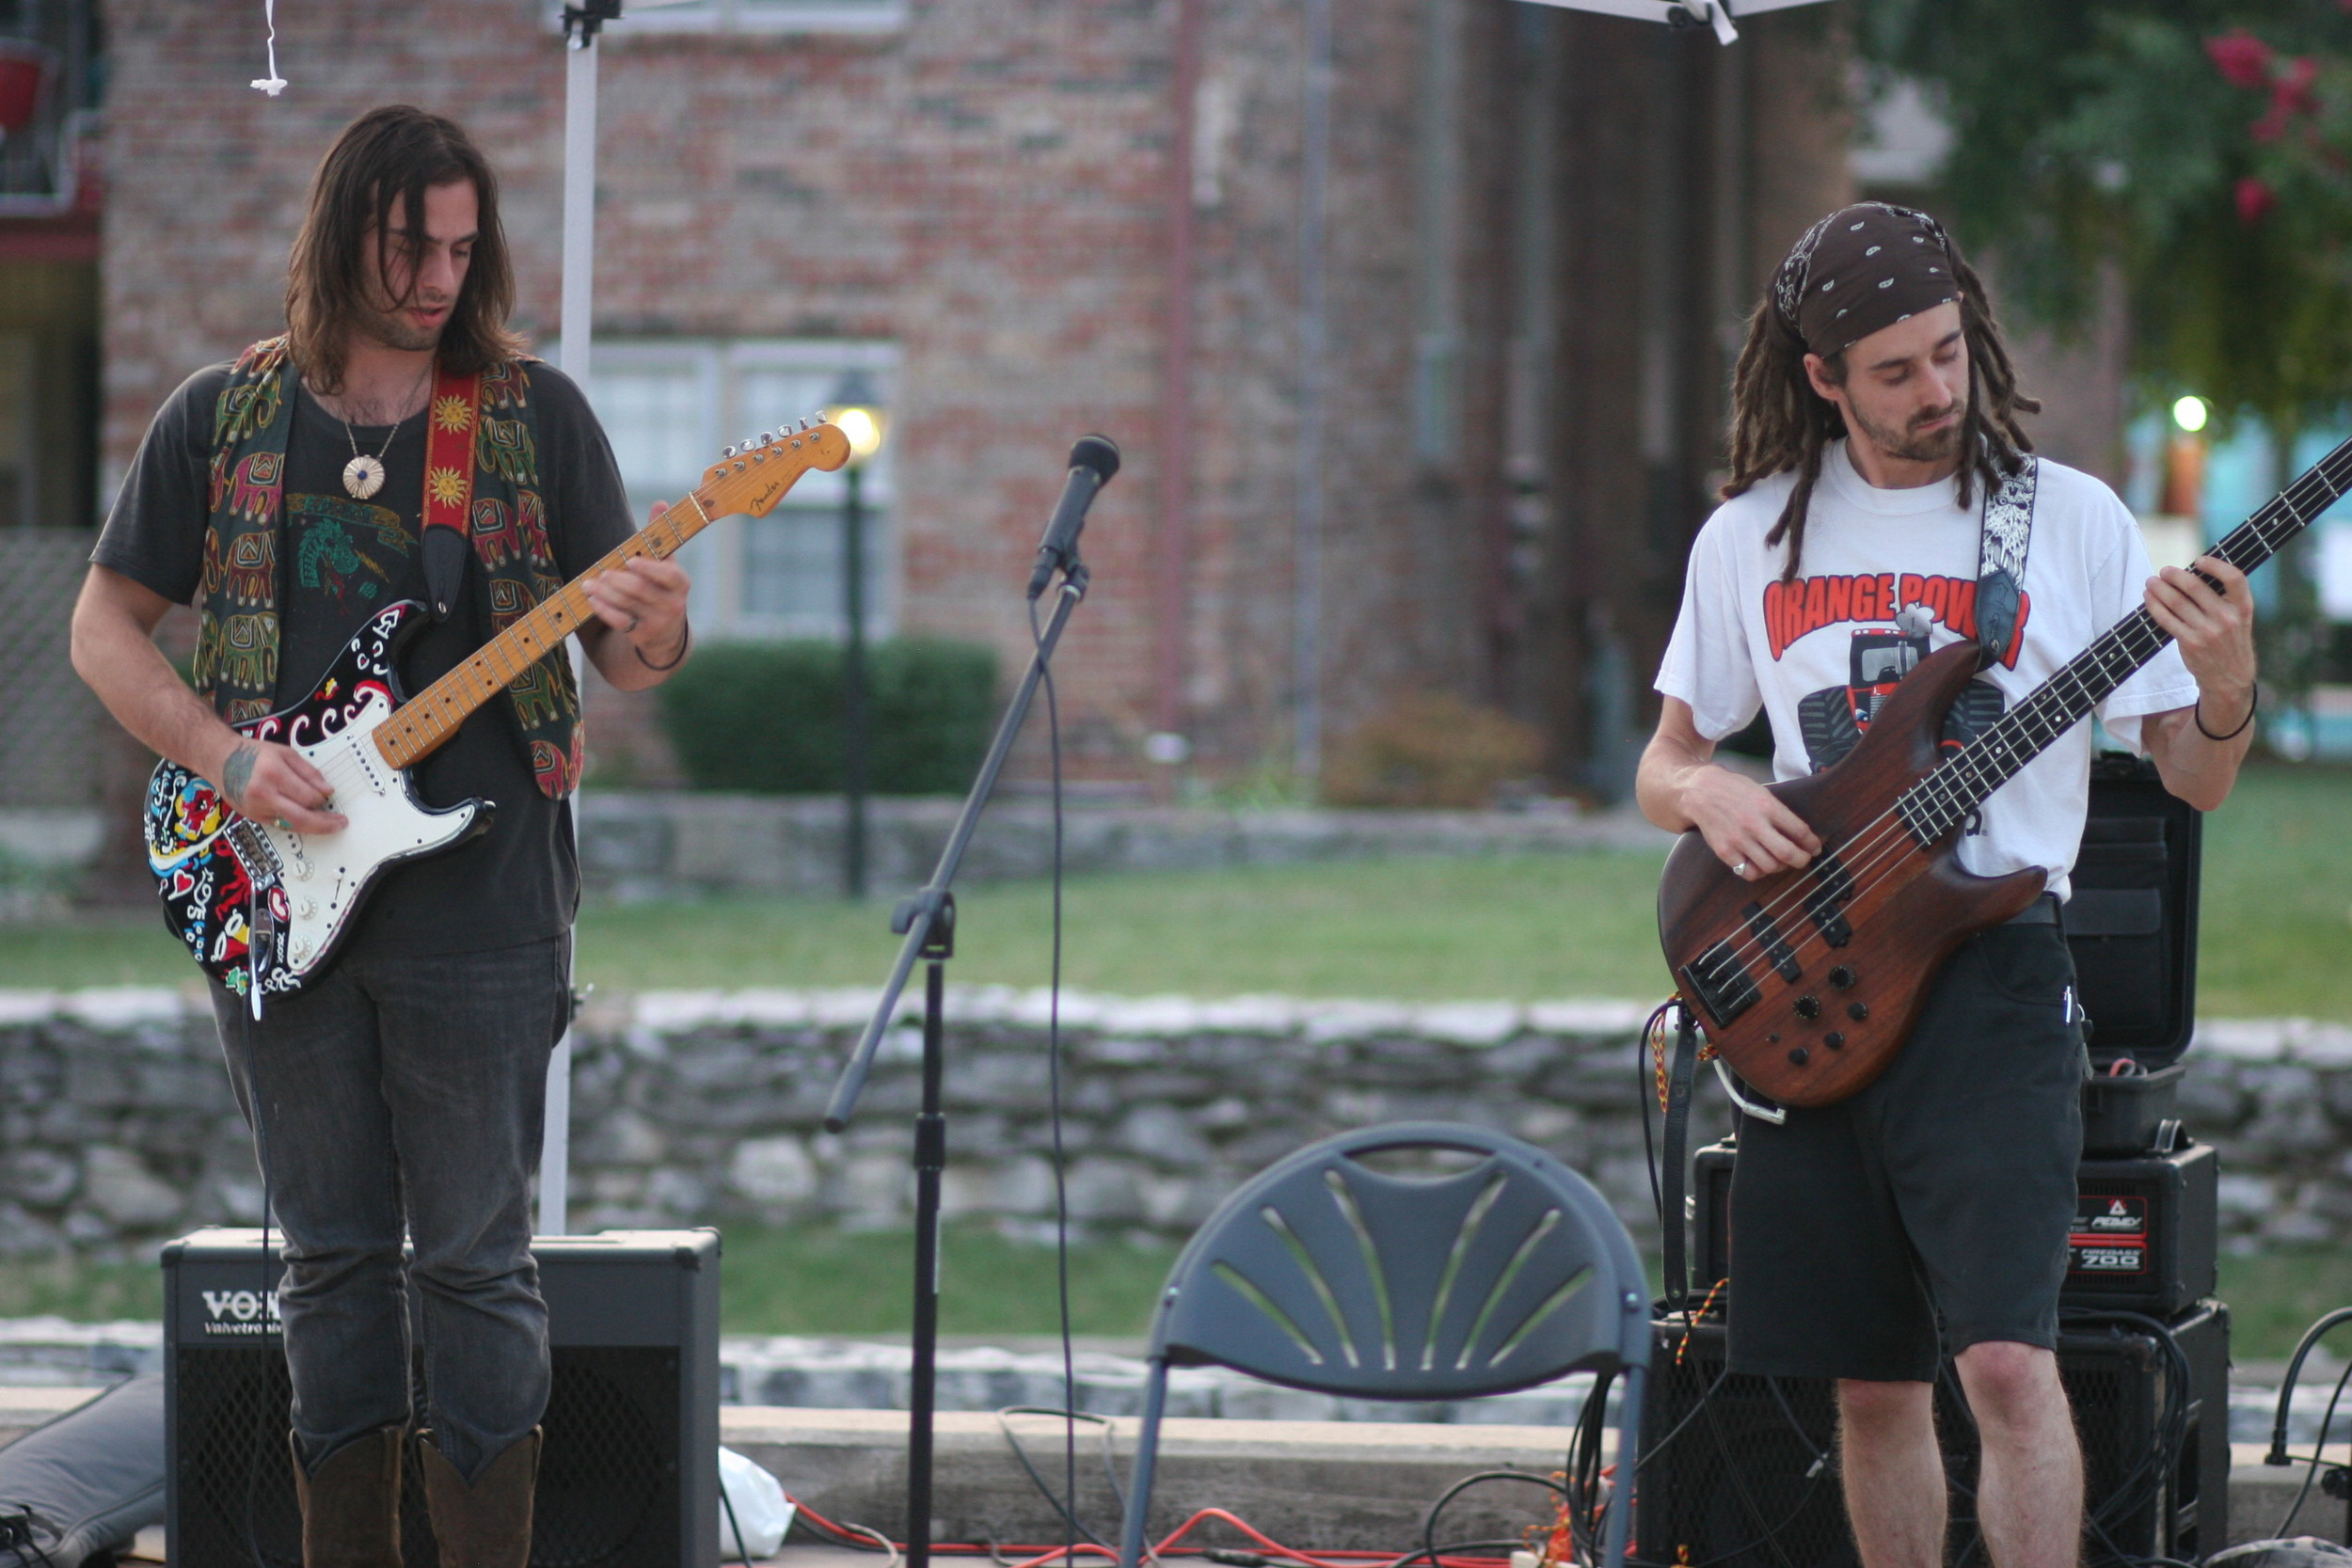 Shawn Ghahary & Paul Dodds